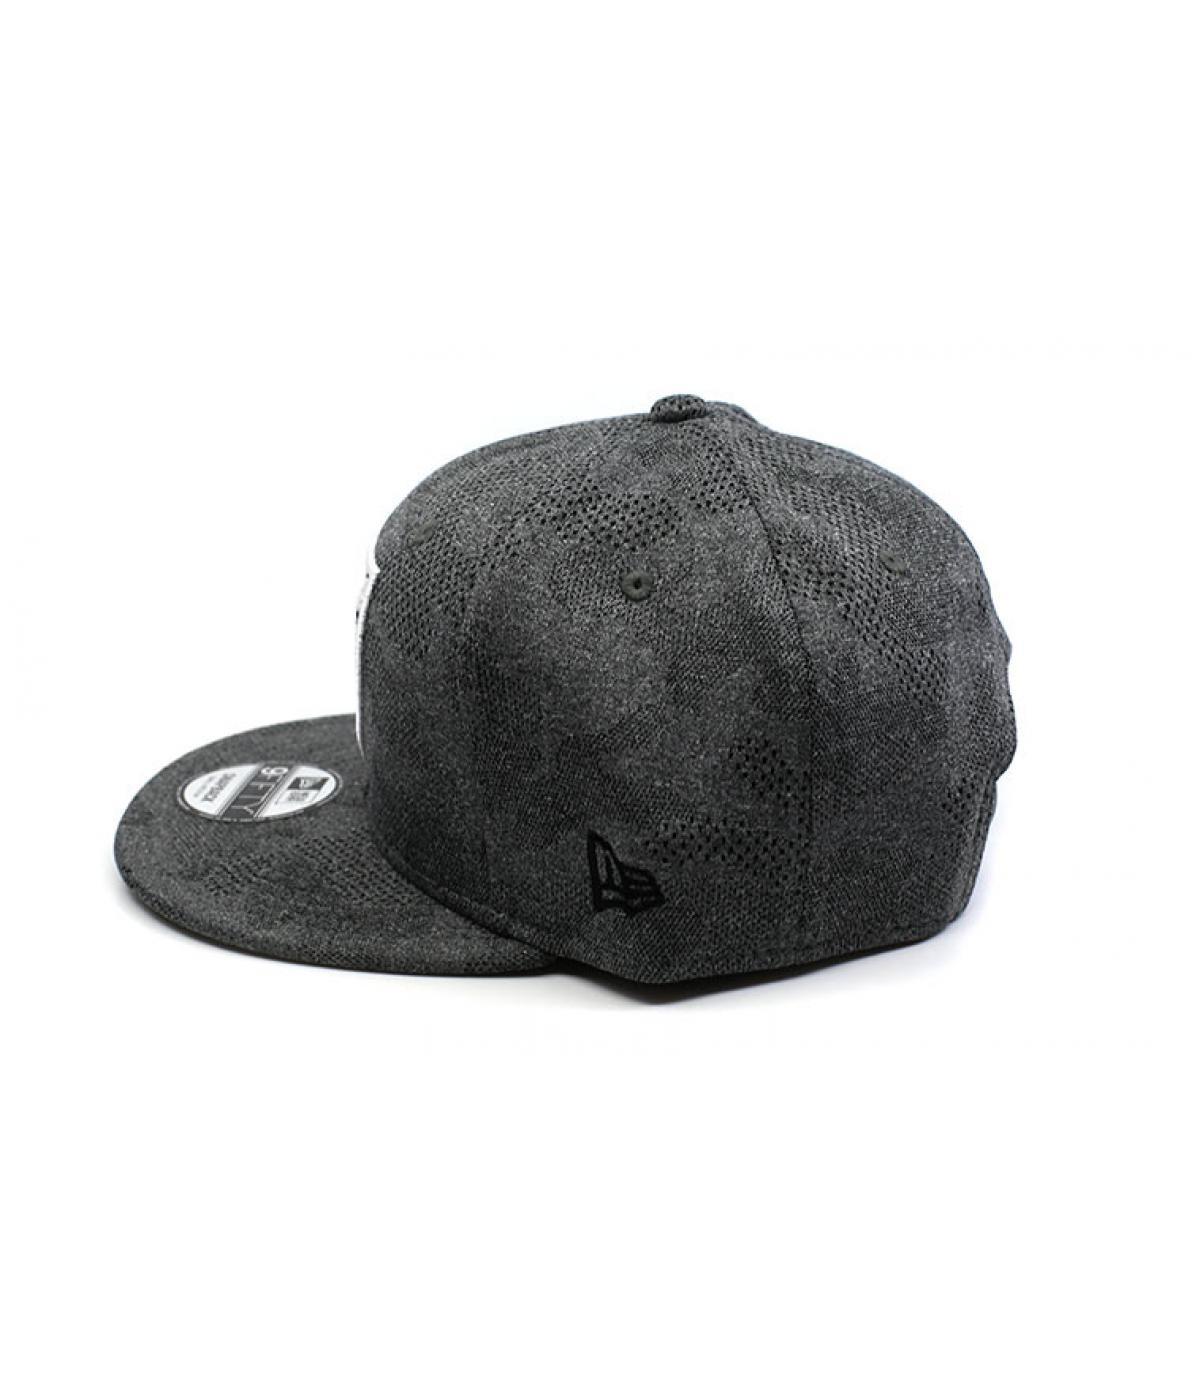 Détails Snapback Engineered Plus Raiders 950 gray black - image 4